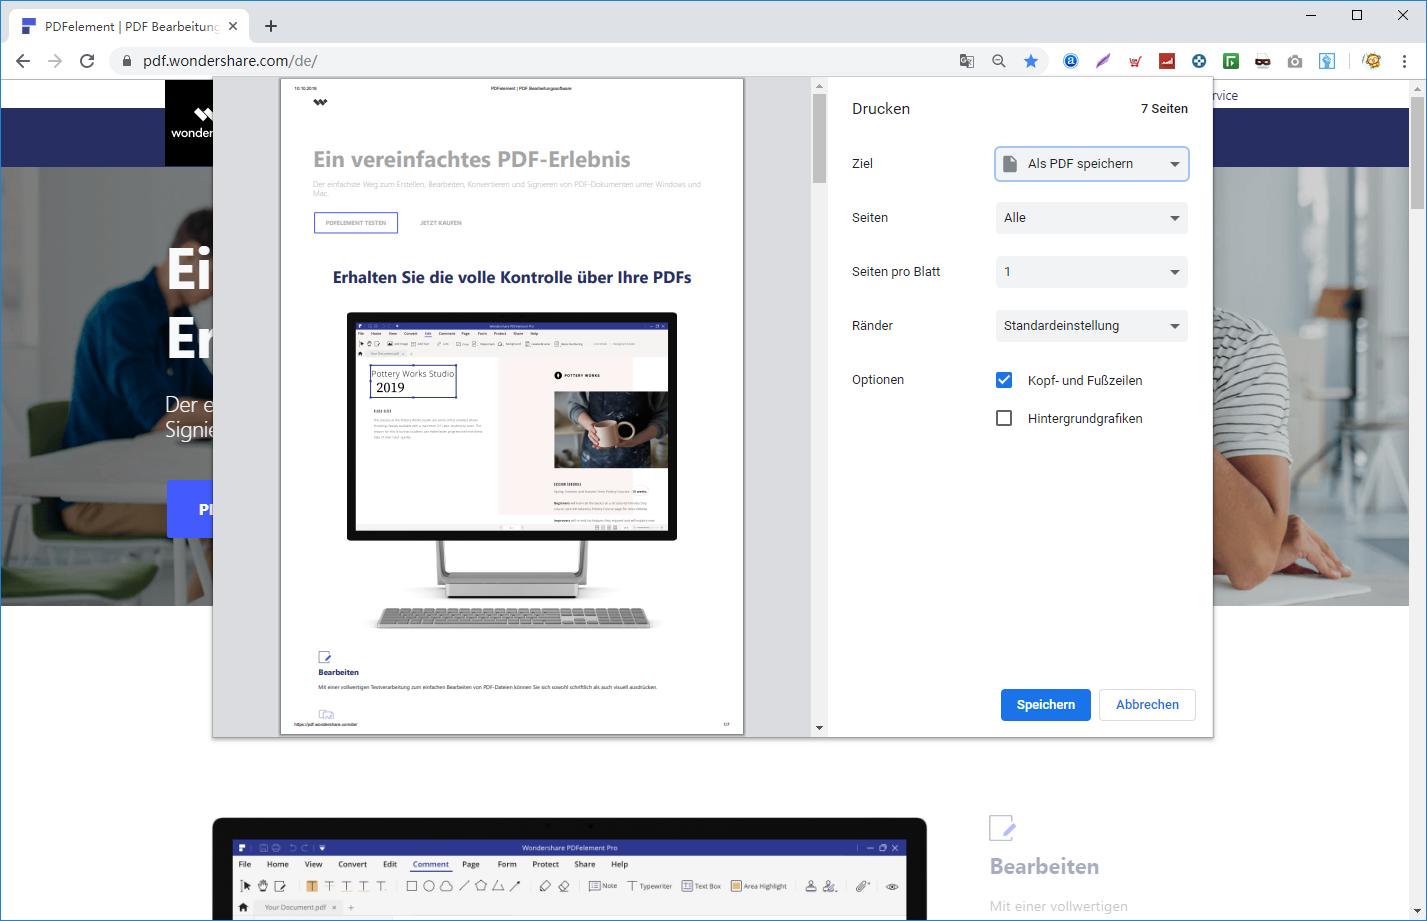 Webseite als PDF speichern